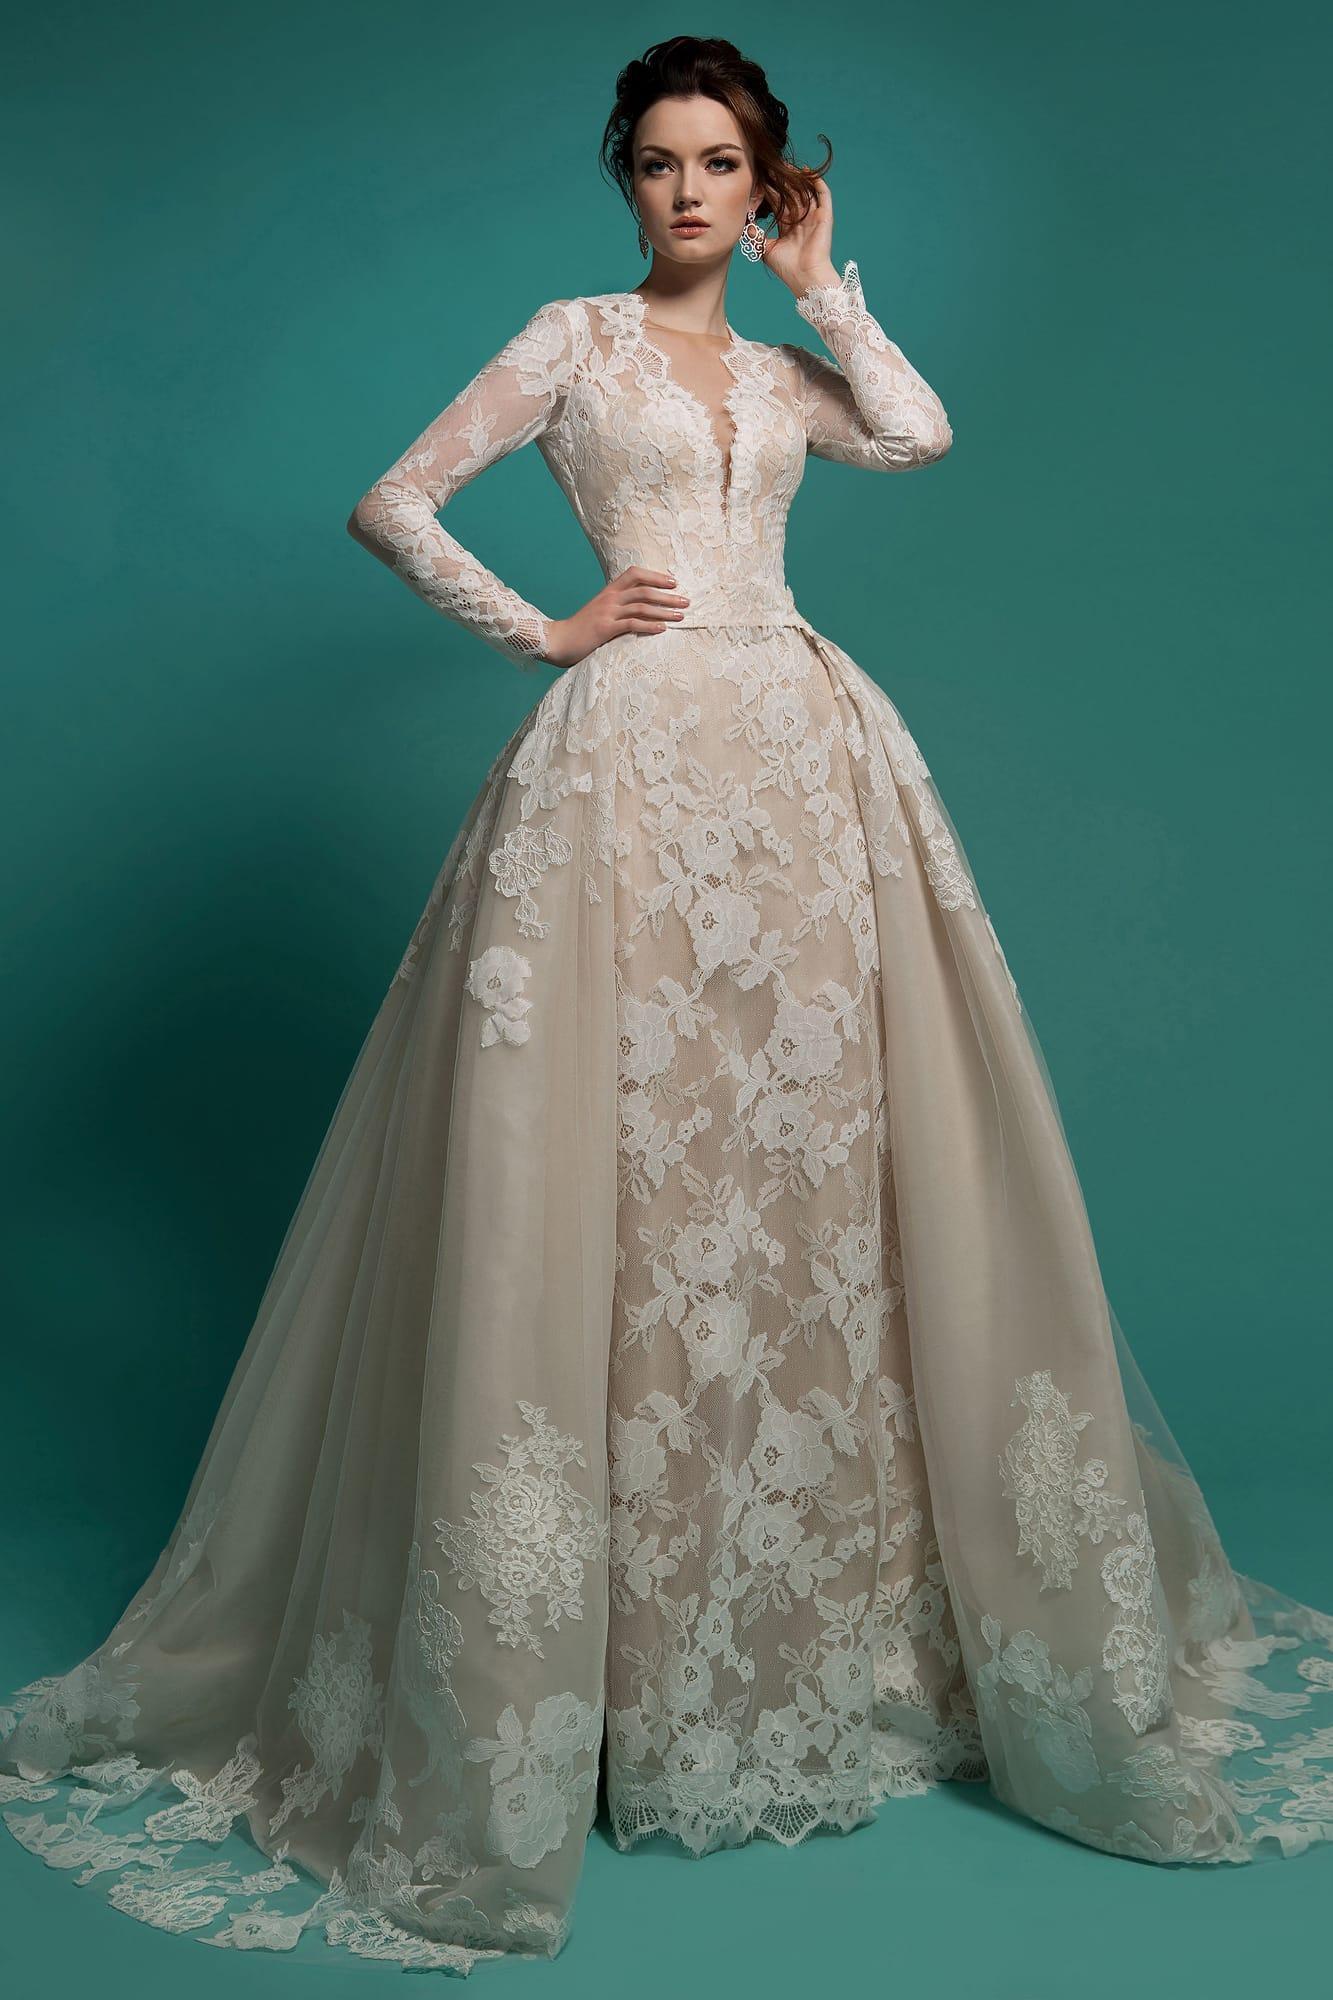 Milla Nova 탈착식 타린으로 2019 웨딩 드레스 아이보리 V 넥 레이스 아플리케 겸손한 긴 소매 브라 가운 중후 한 웨딩 드레스